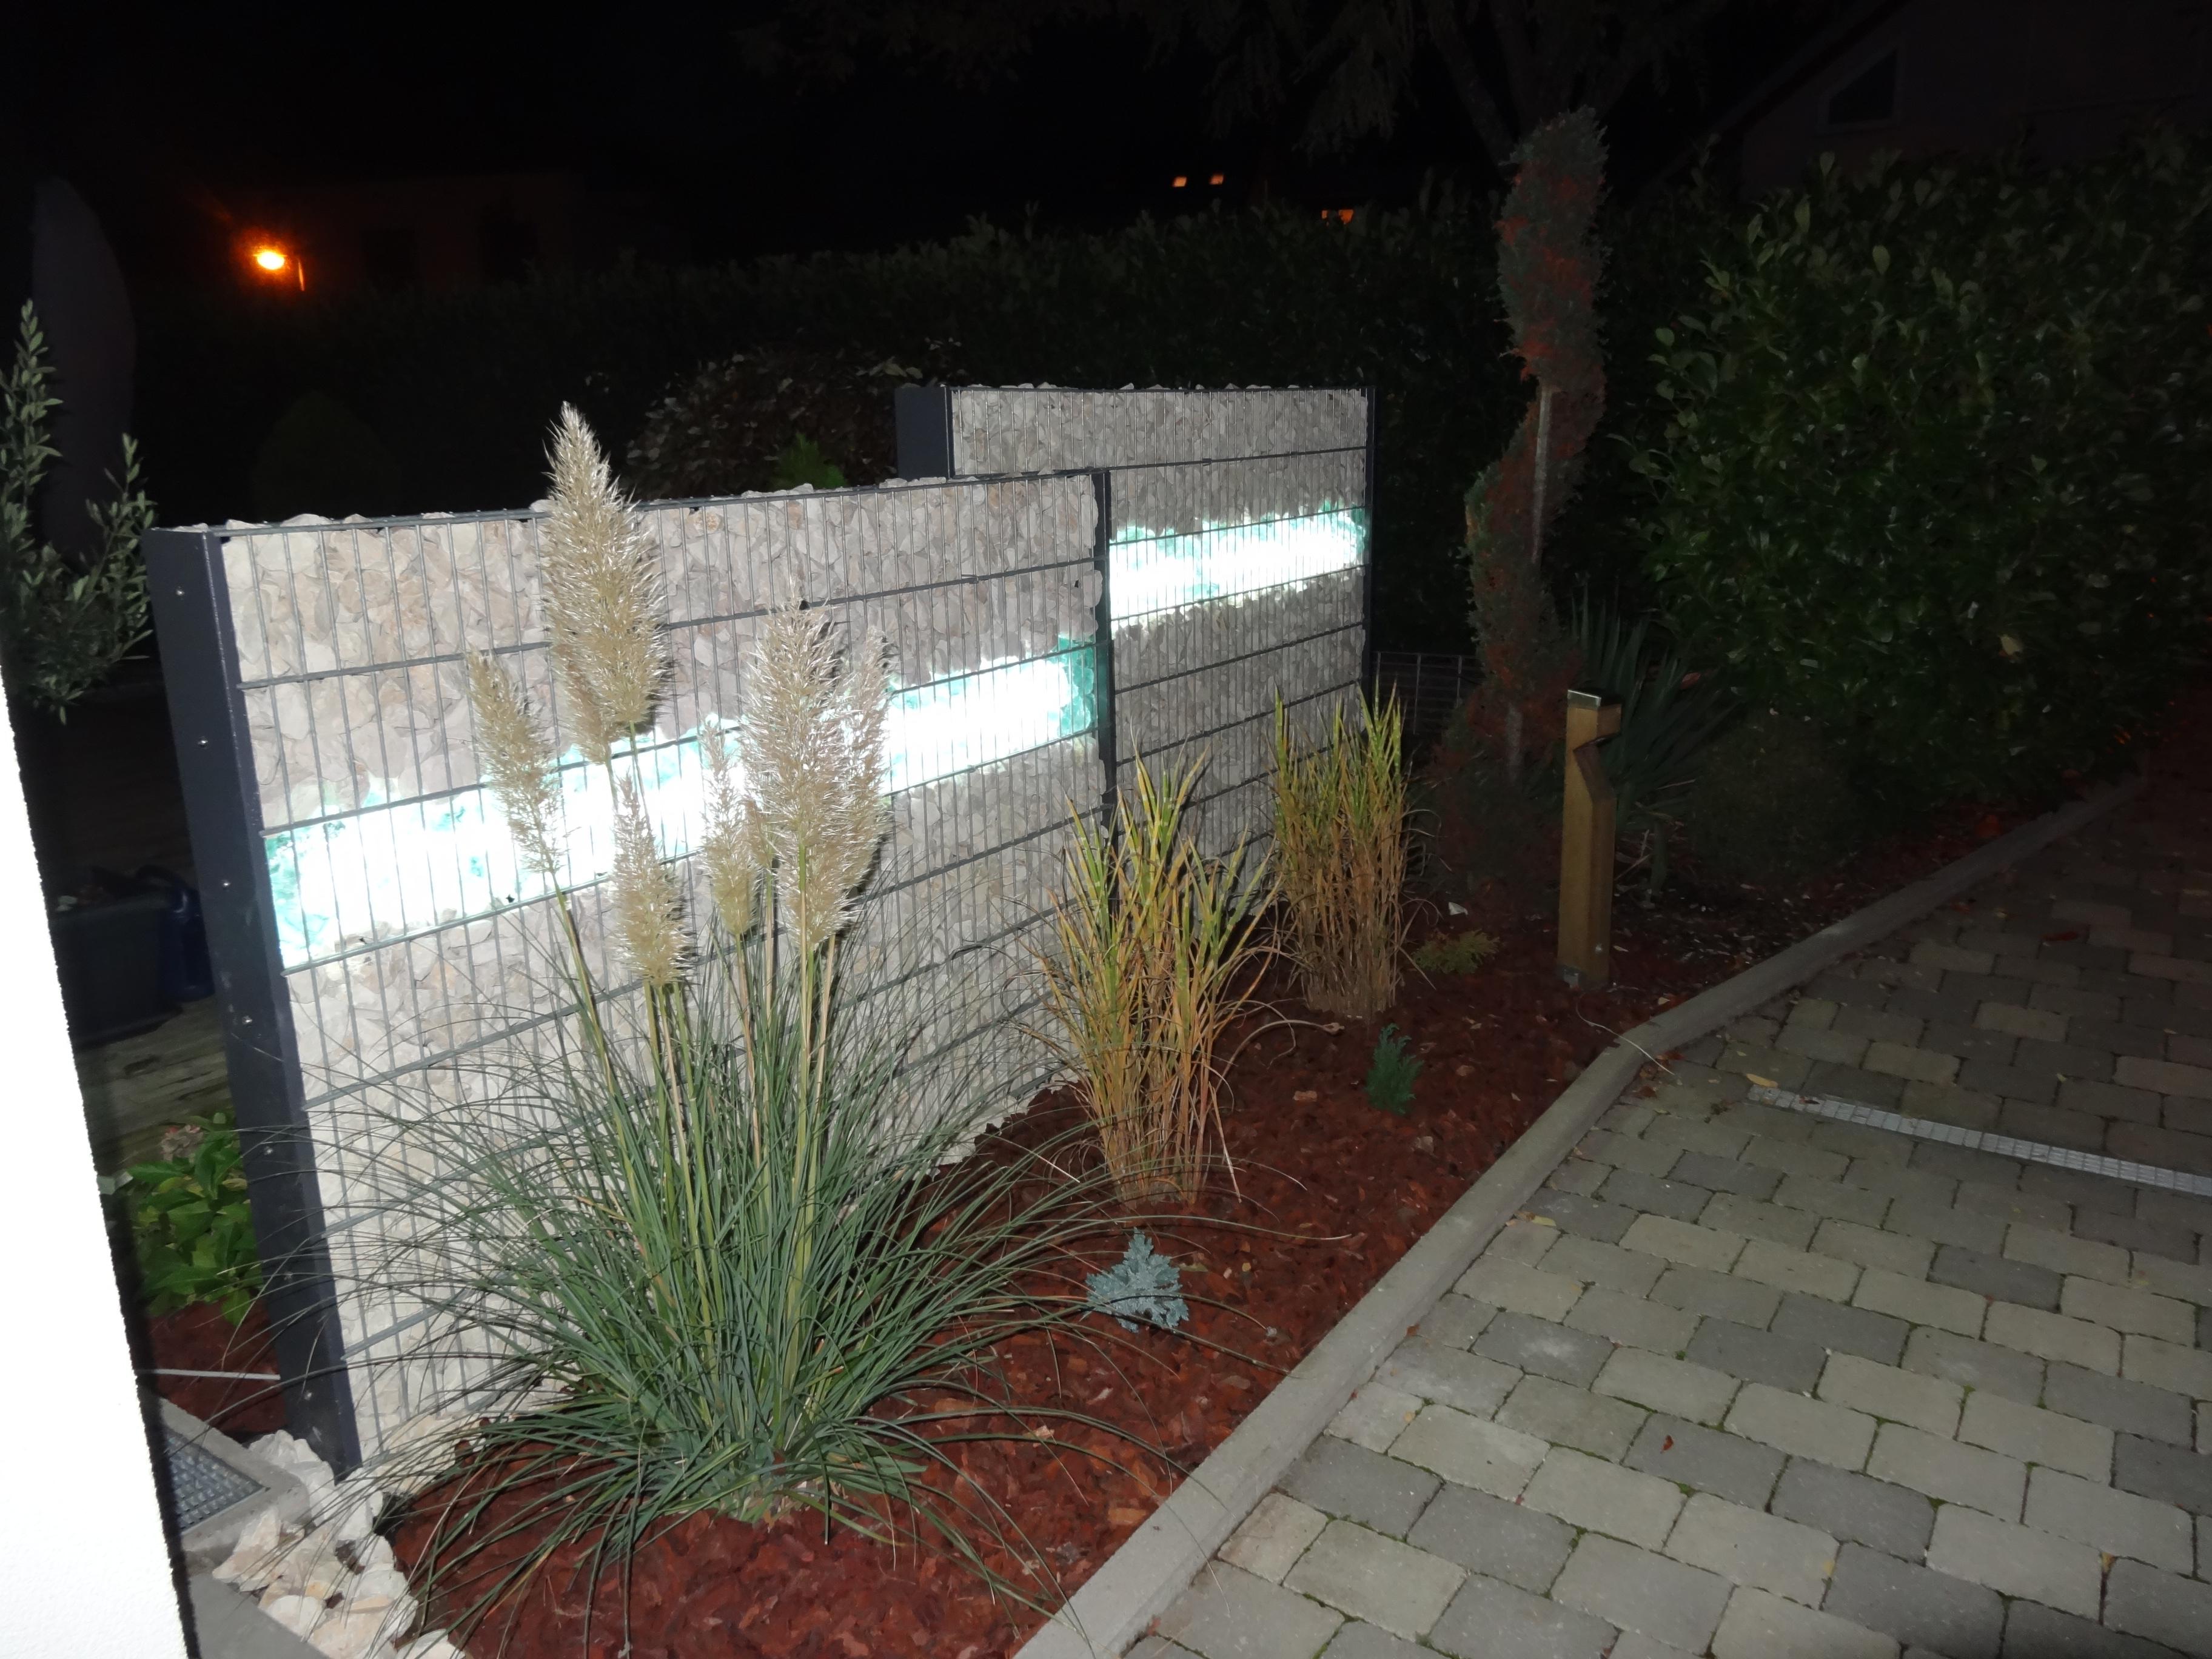 Led Beleuchtung f/ür Steinz/äune Gabionen 0,50m 360/° kaltweiss zur beleuchtung von Steinmauern//Gabionen Anschlu/ß /über 230 Volt /über offene Kabelenden